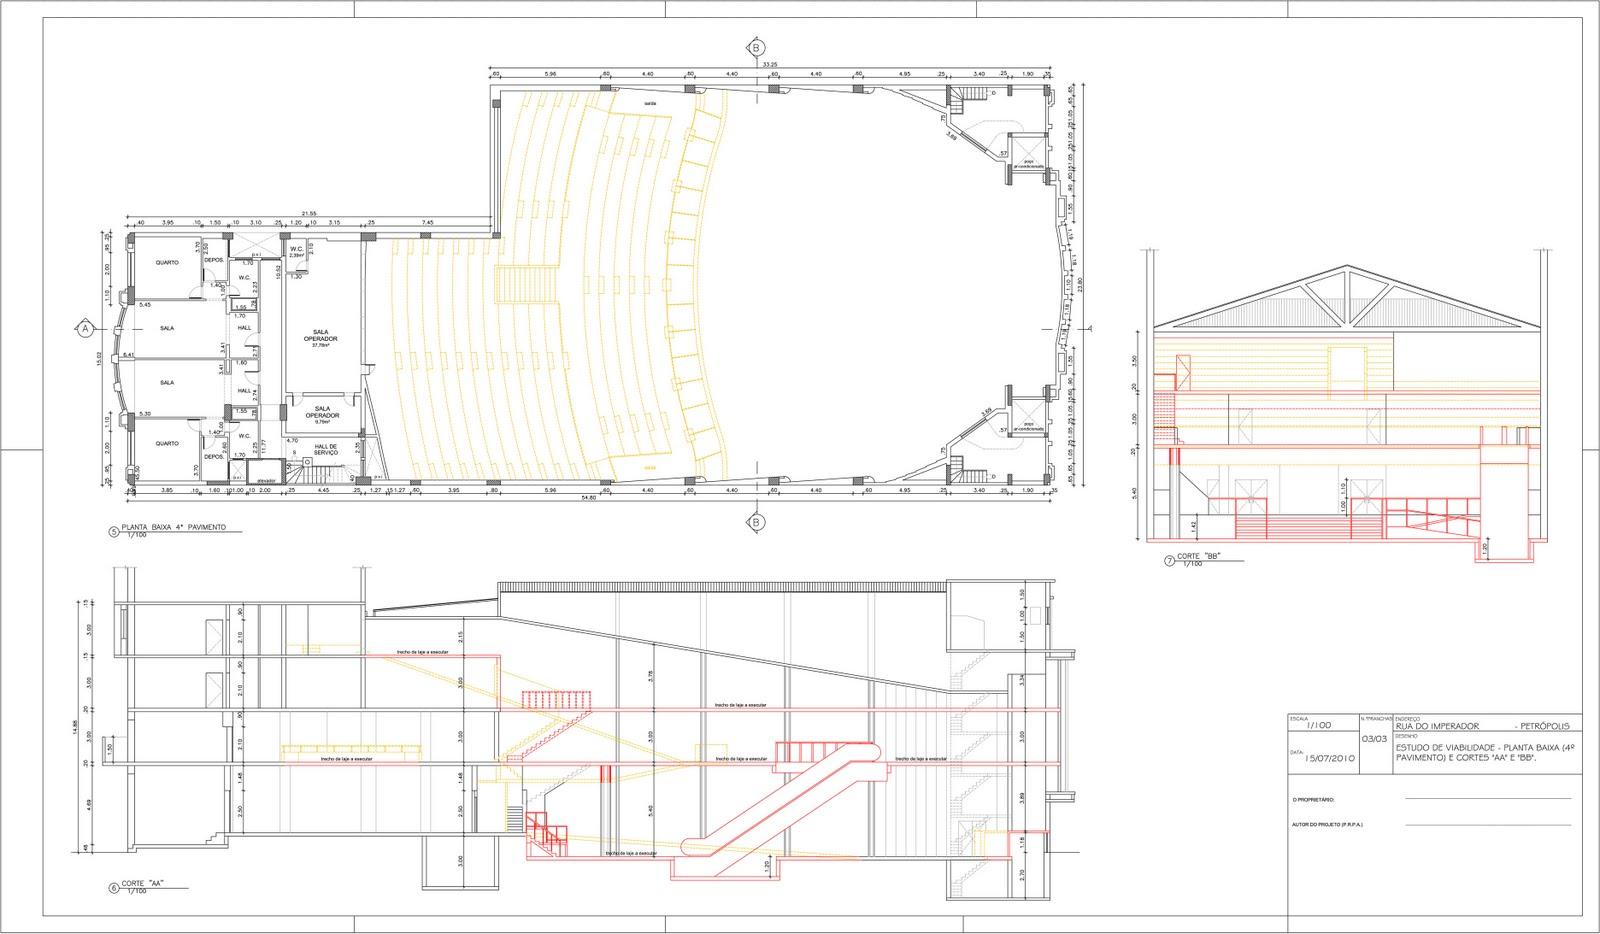 Super Dico Mattos: Trabalho desenho arquitetura - Planta baixa cinema 3 VK54